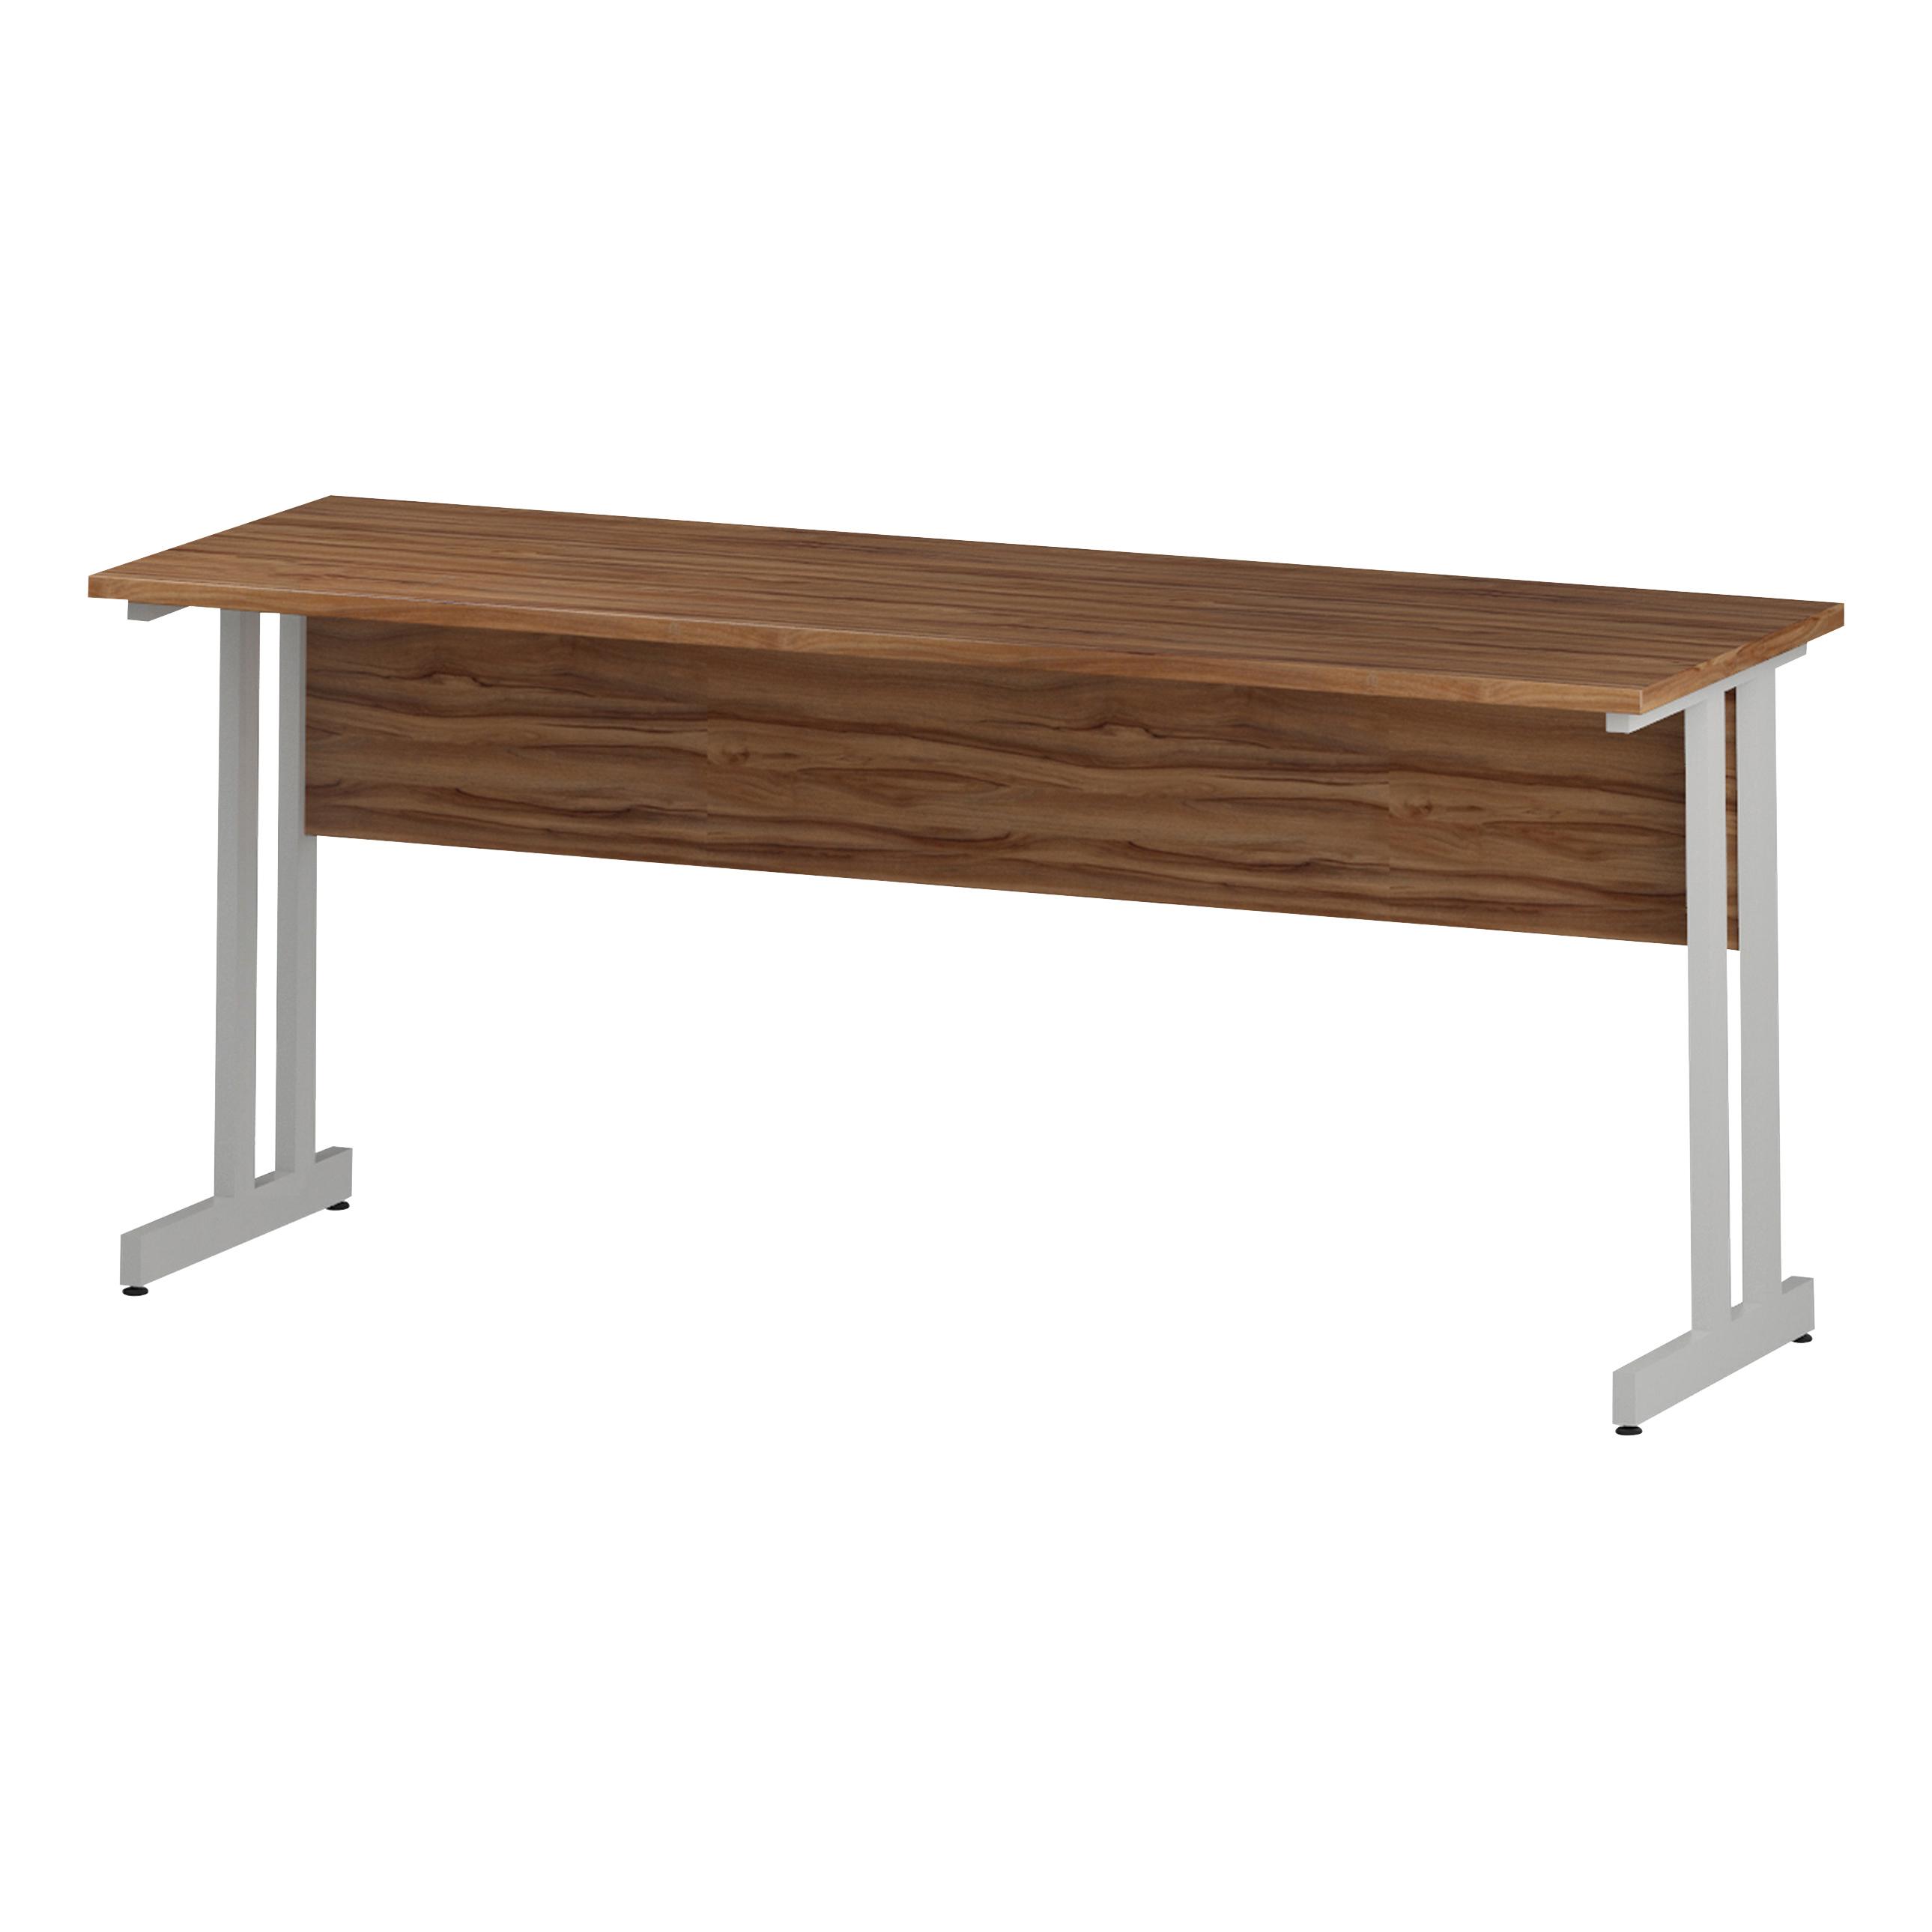 Trexus Rectangular Slim Desk White Cantilever Leg 1800x600mm Walnut Ref I001918